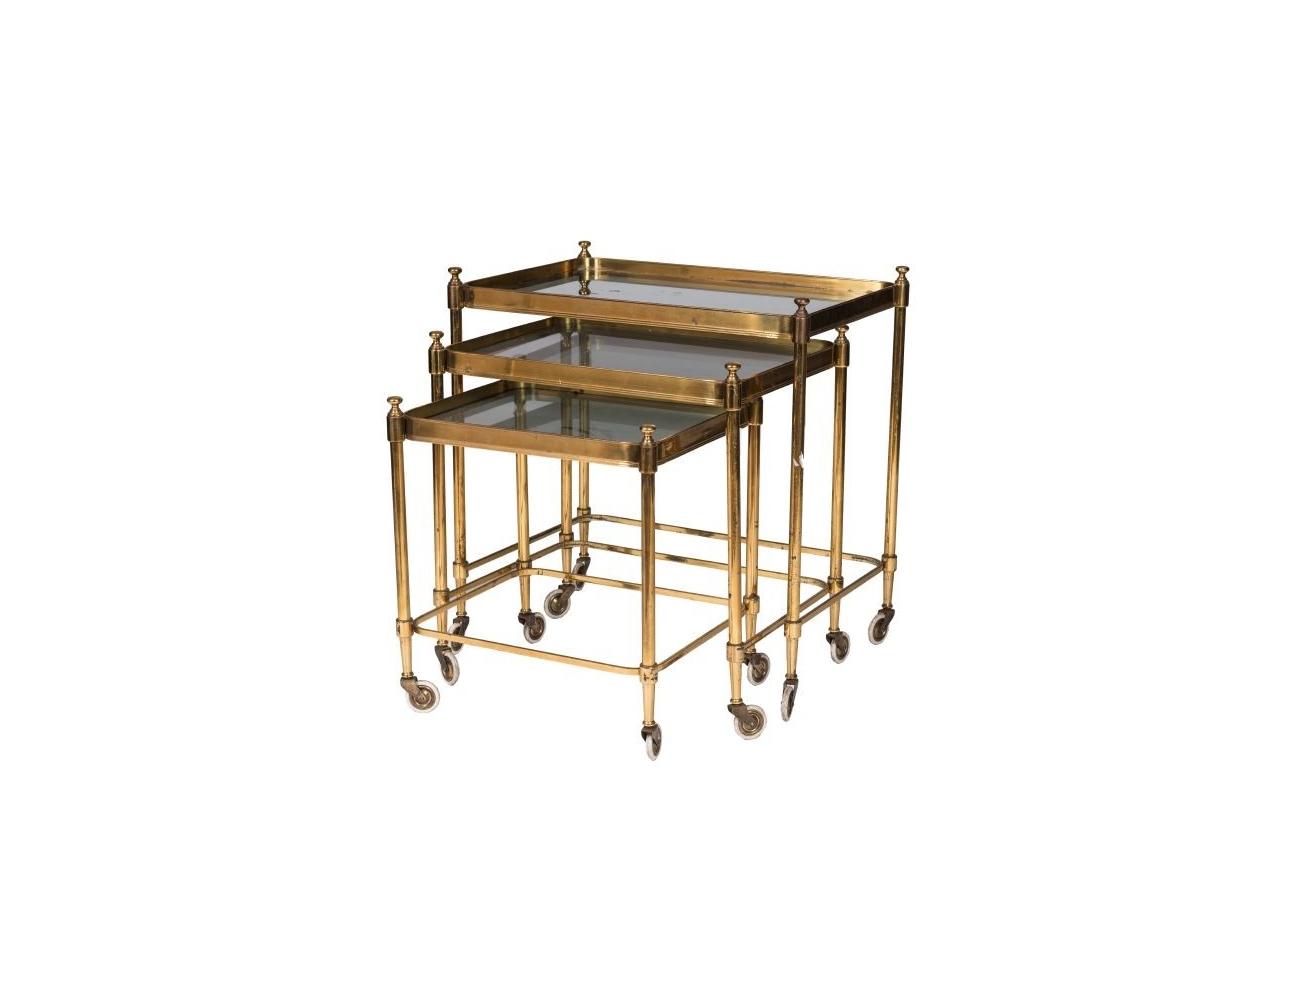 Juego de tres mesas nido de lat n dorado y tapa de cristal - Mesitas auxiliares de cristal ...